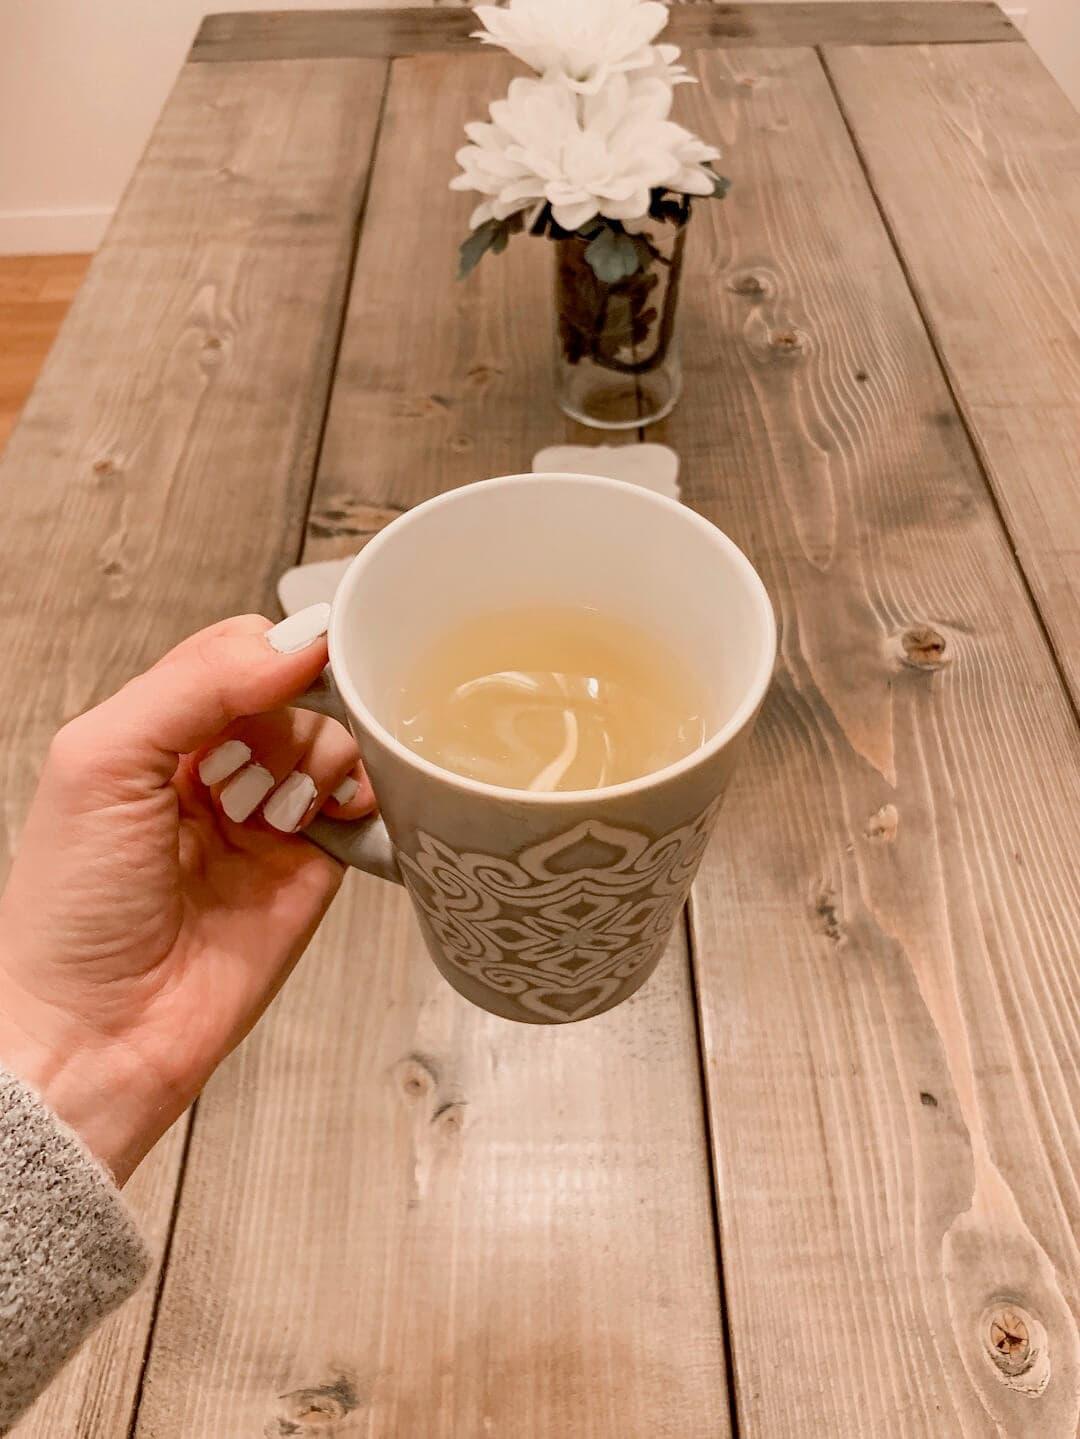 delicious-immune-system-boosting-tea-recipe